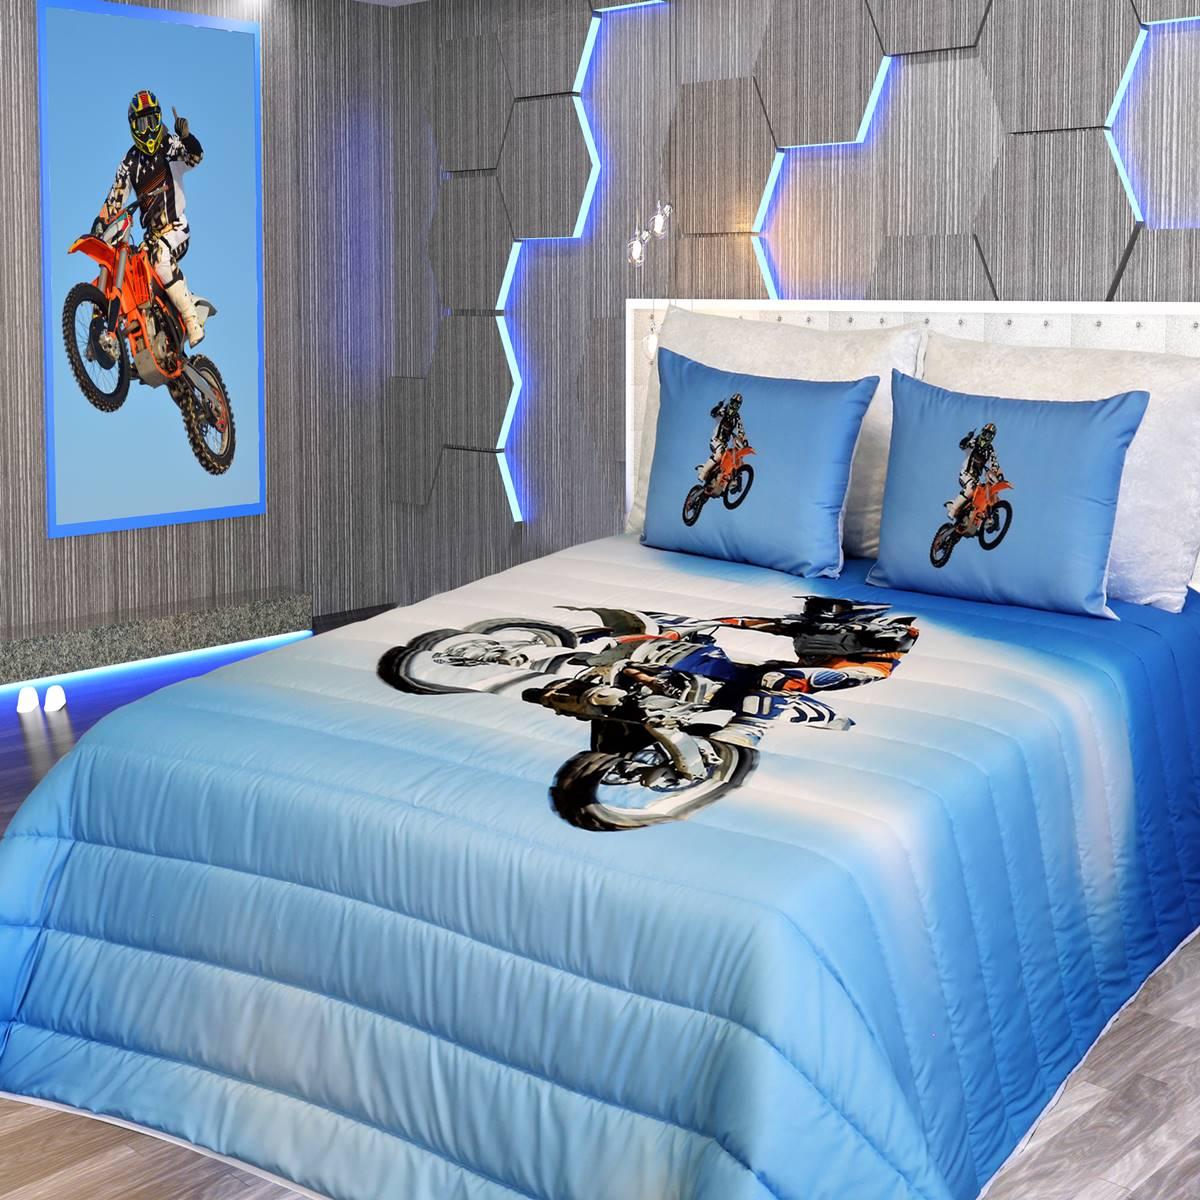 Edredão Motocross